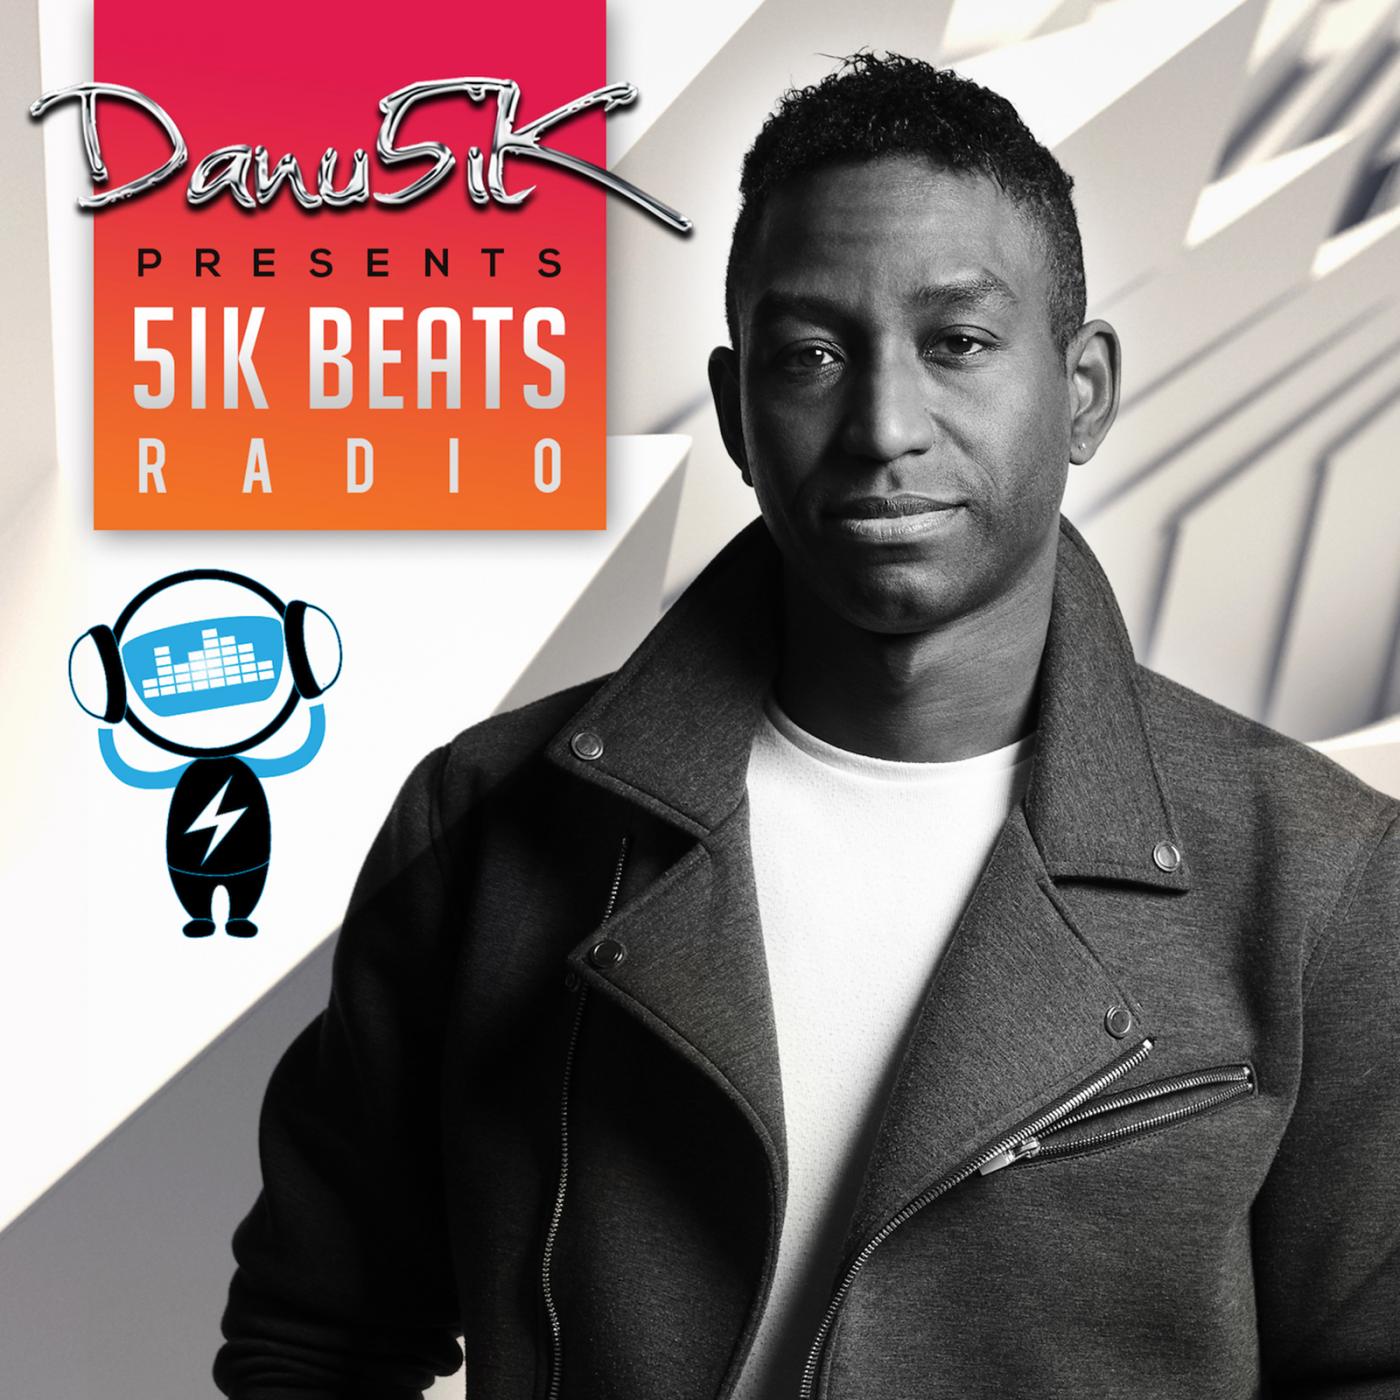 5ik Beats Radio 105 | Danu5ik